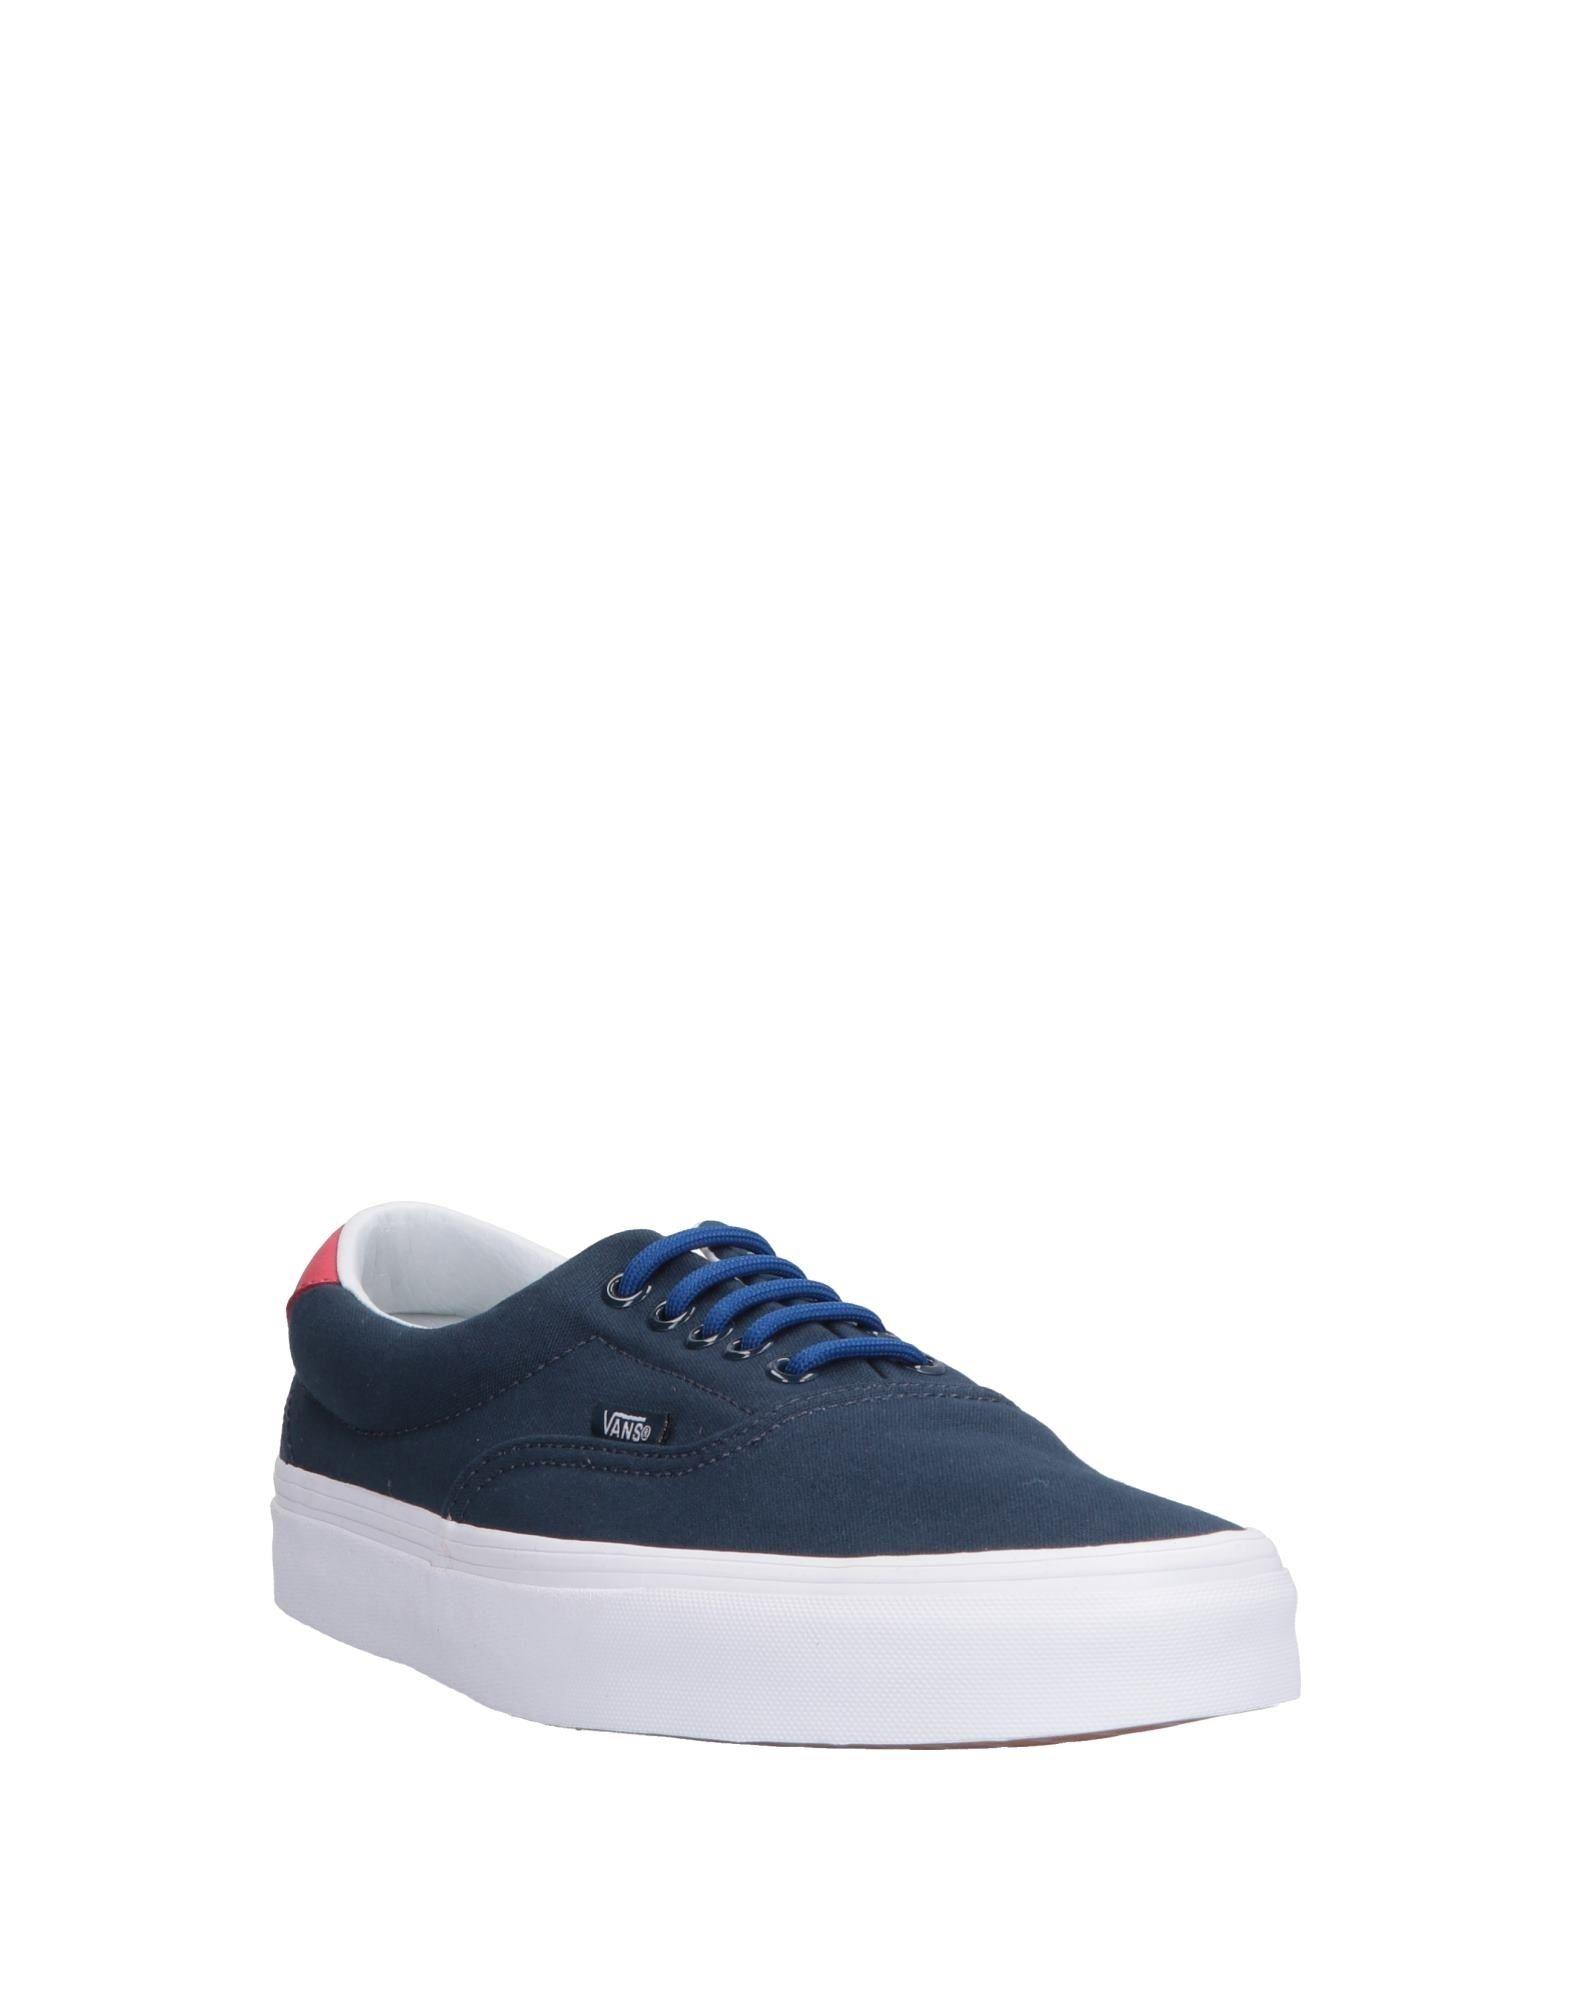 Vans Sneakers Herren Gutes Preis-Leistungs-Verhältnis, lohnt es lohnt Preis-Leistungs-Verhältnis, sich 38eed9